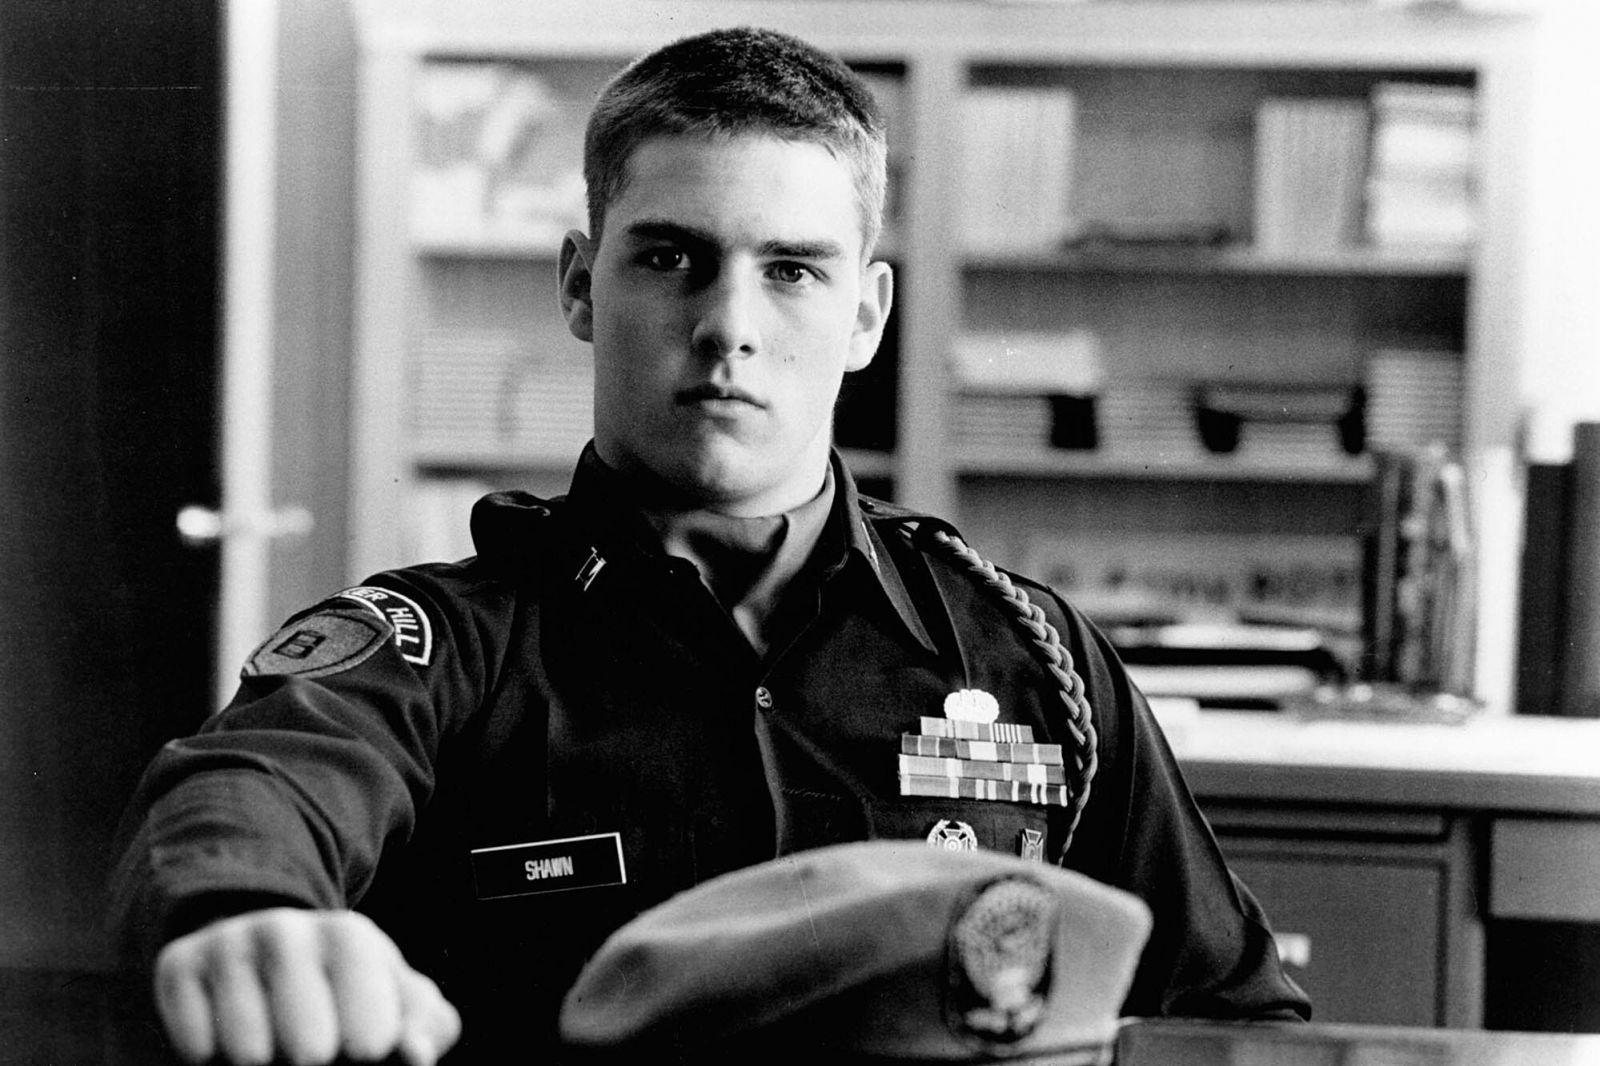 19-ročný Tom Cruise v jeho prvom filme Taps (1981)